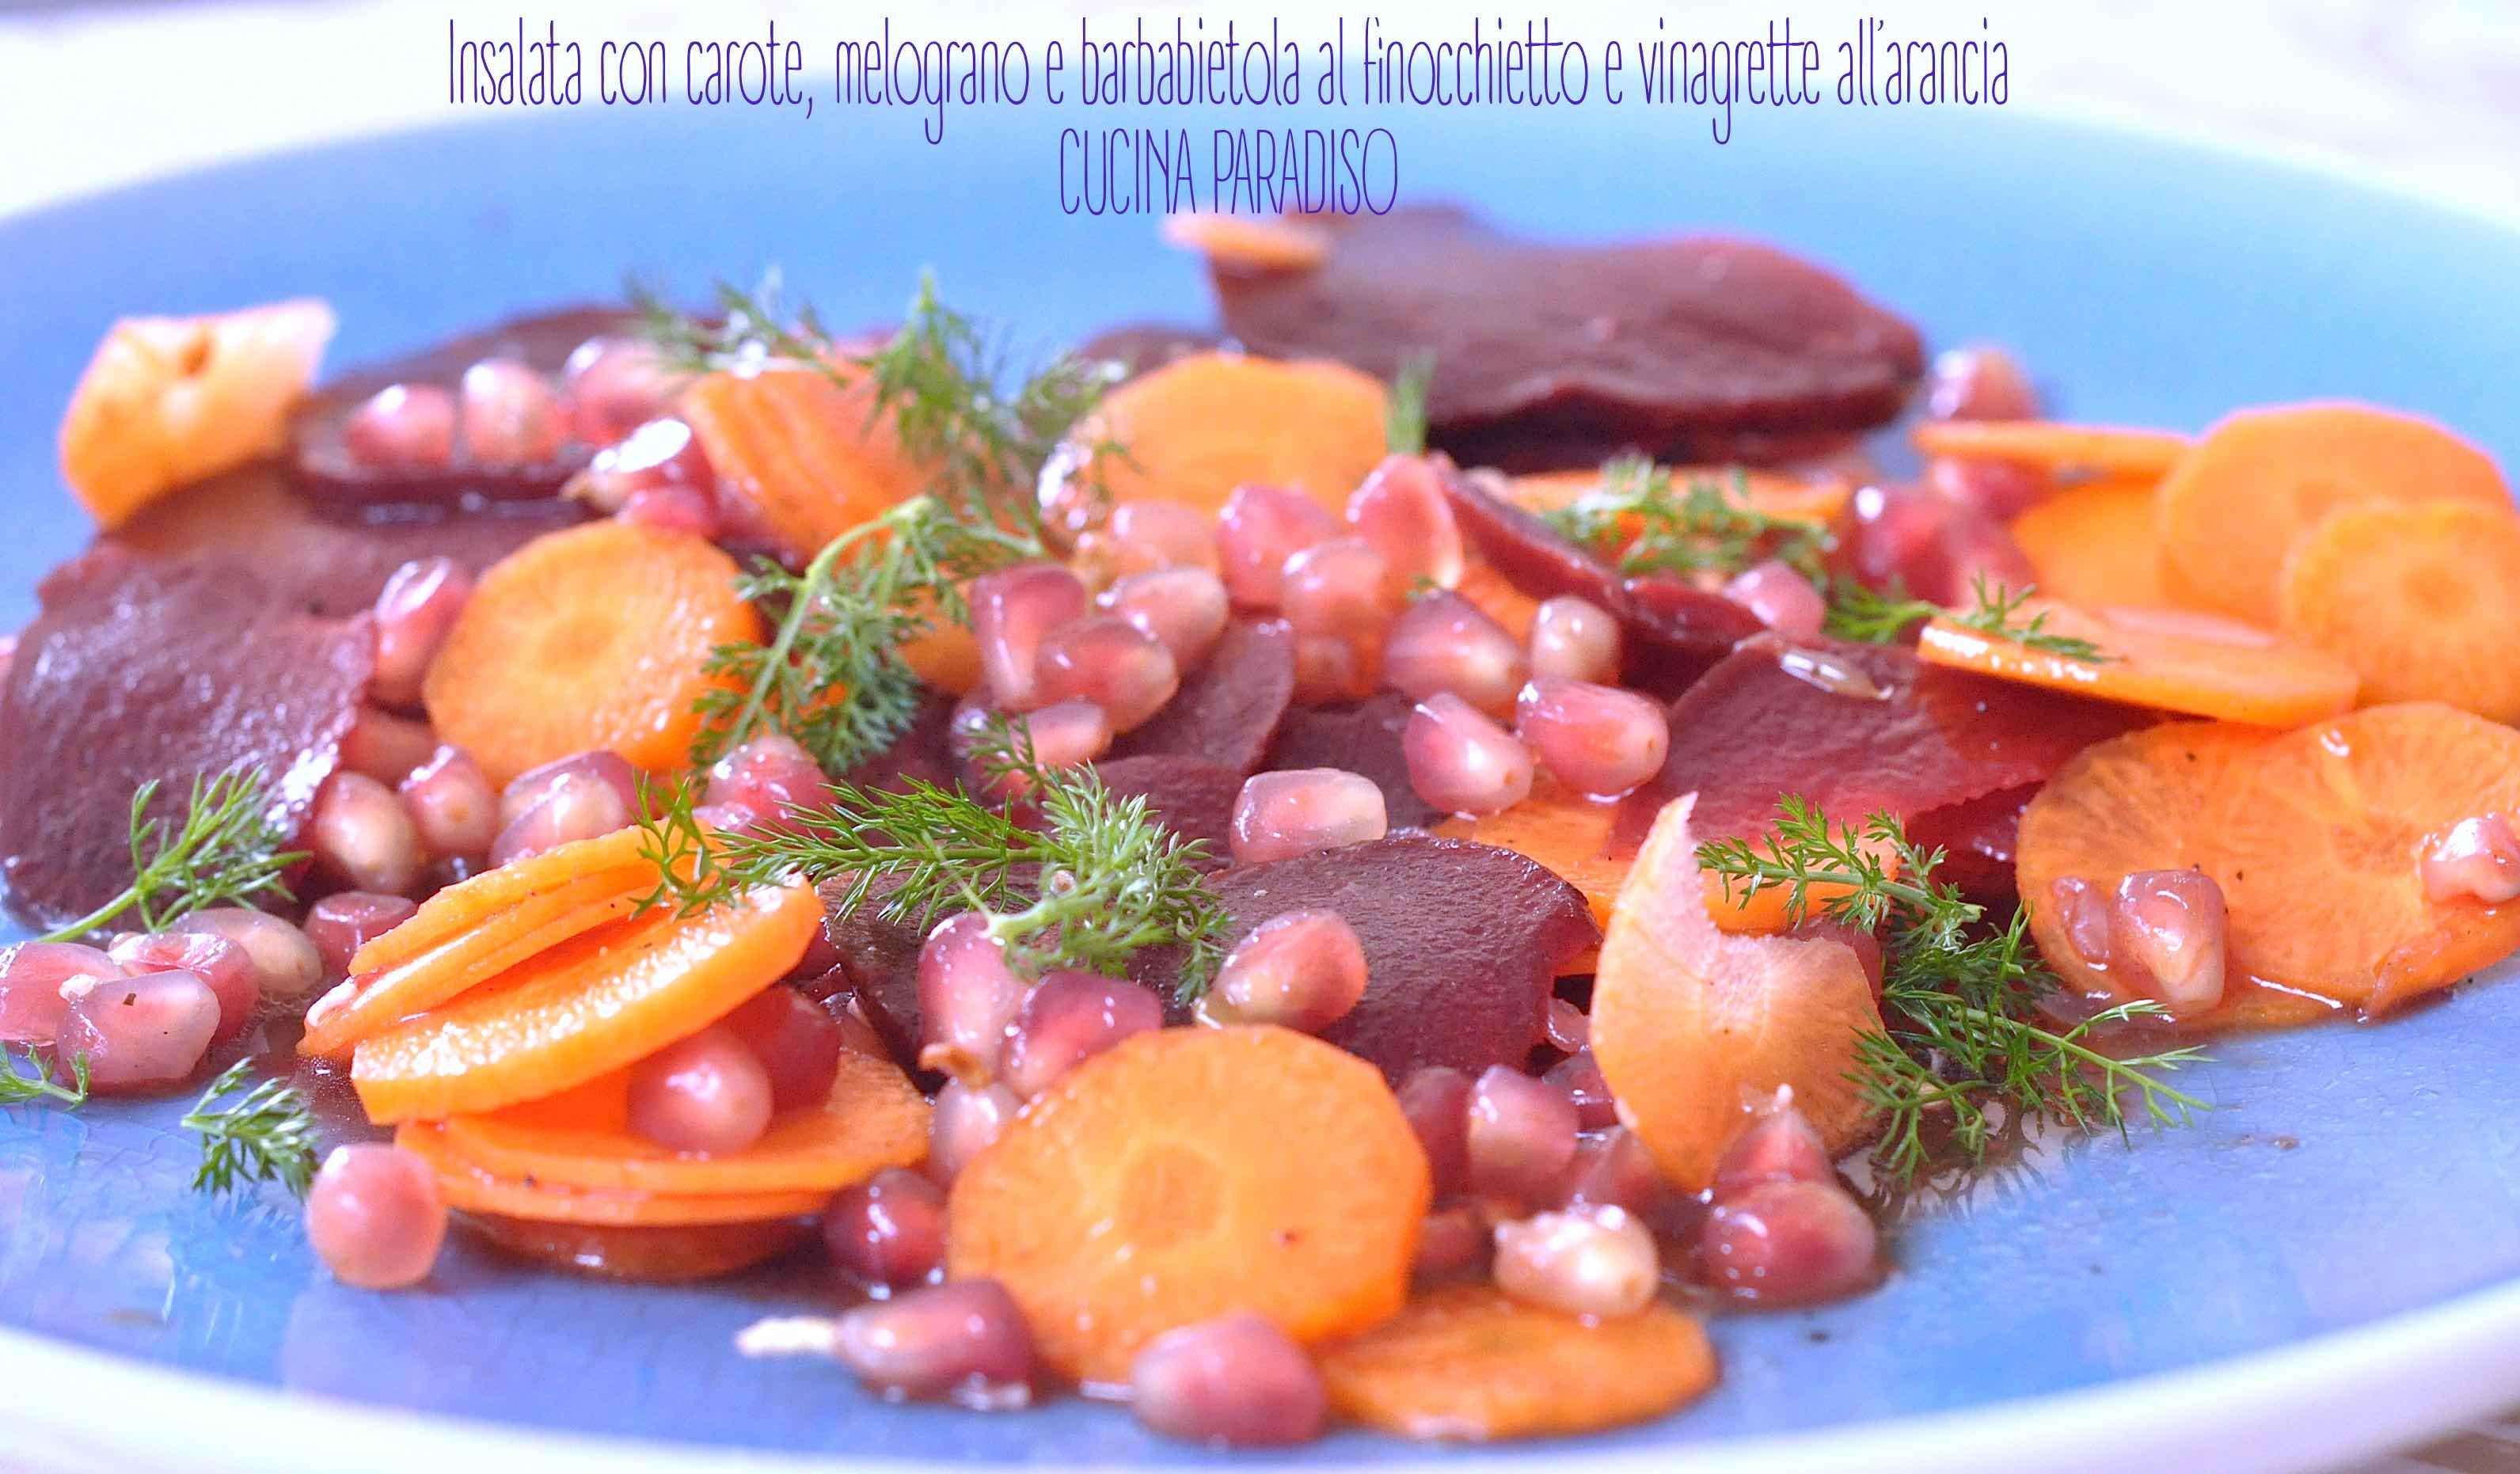 Insalata con carote, melograno e barbabietola al finocchietto e vinagrette all'arancia